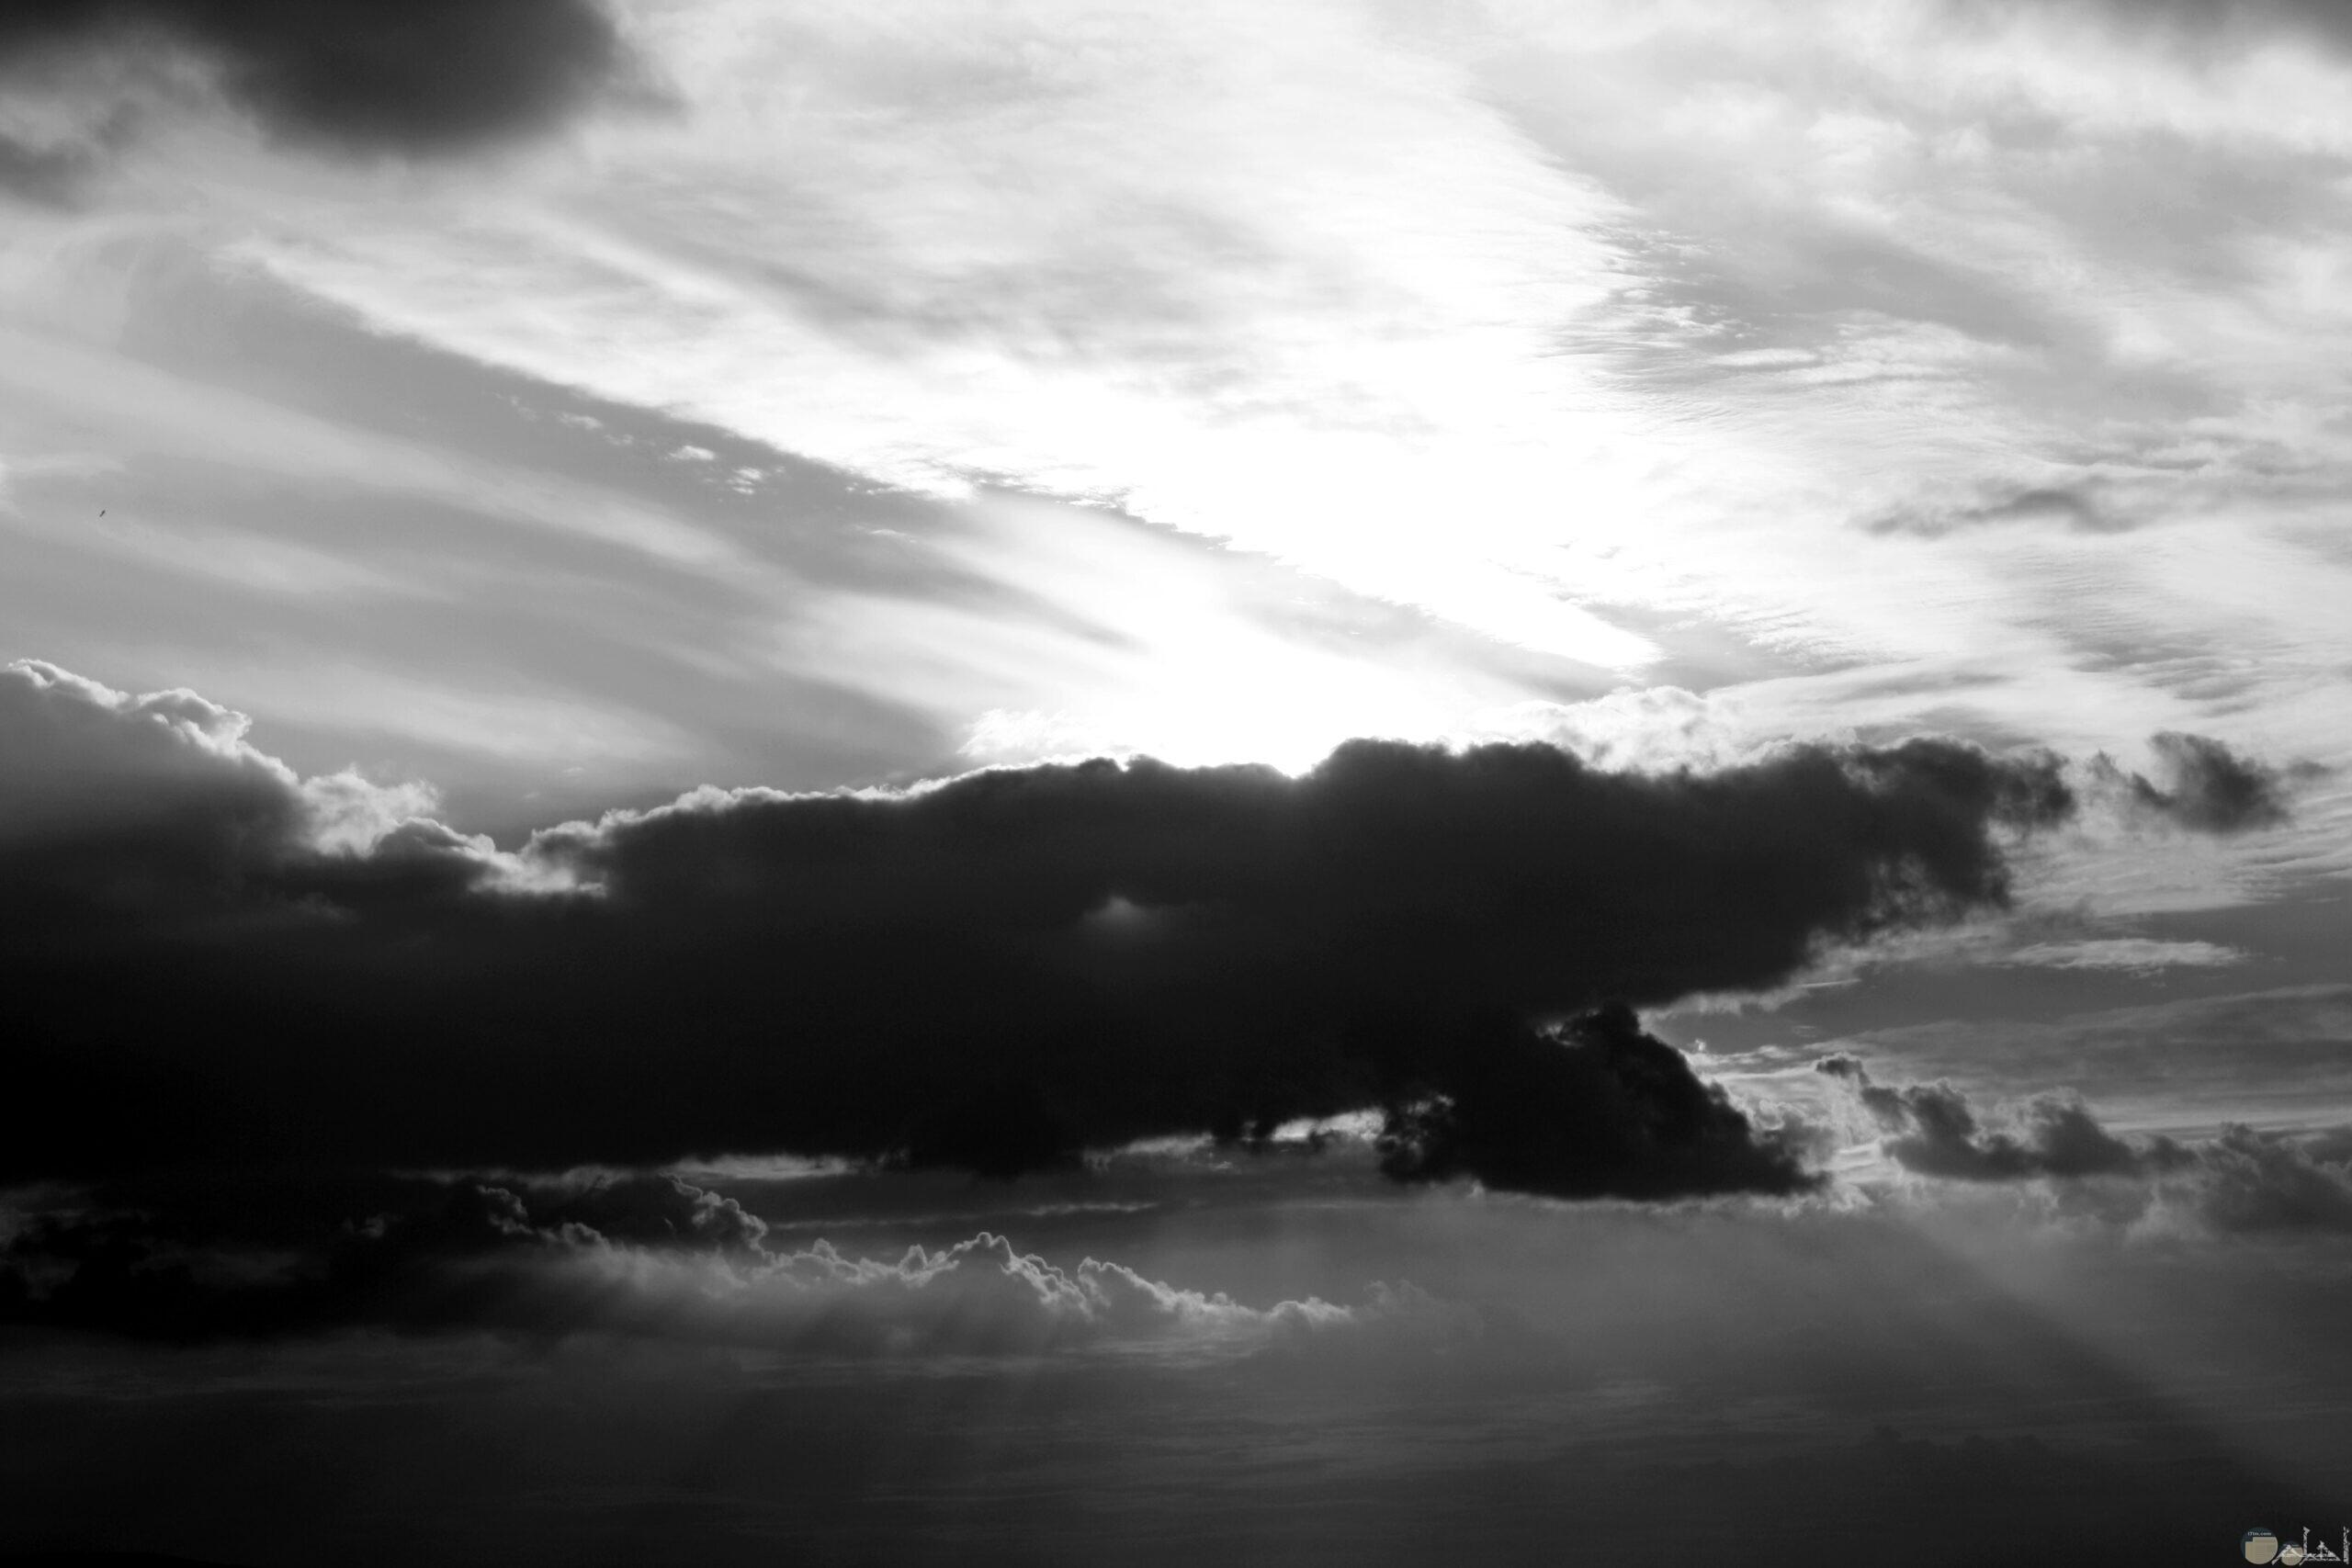 منظر طبيعي للسماء و الغيوم أبيض و أسود.